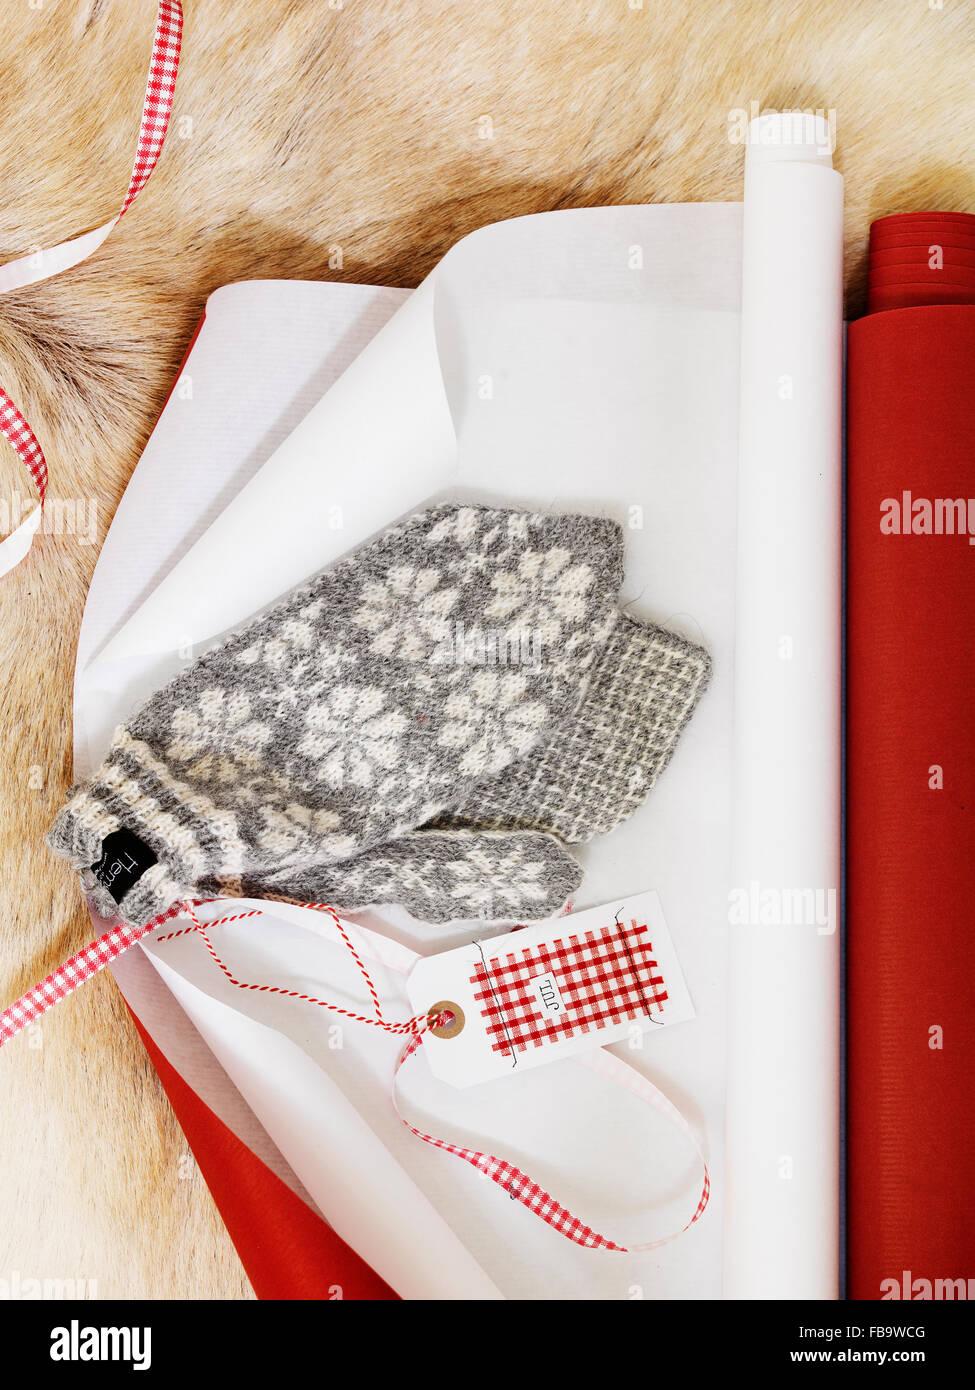 Cerca de guantes y papel de embalaje Imagen De Stock